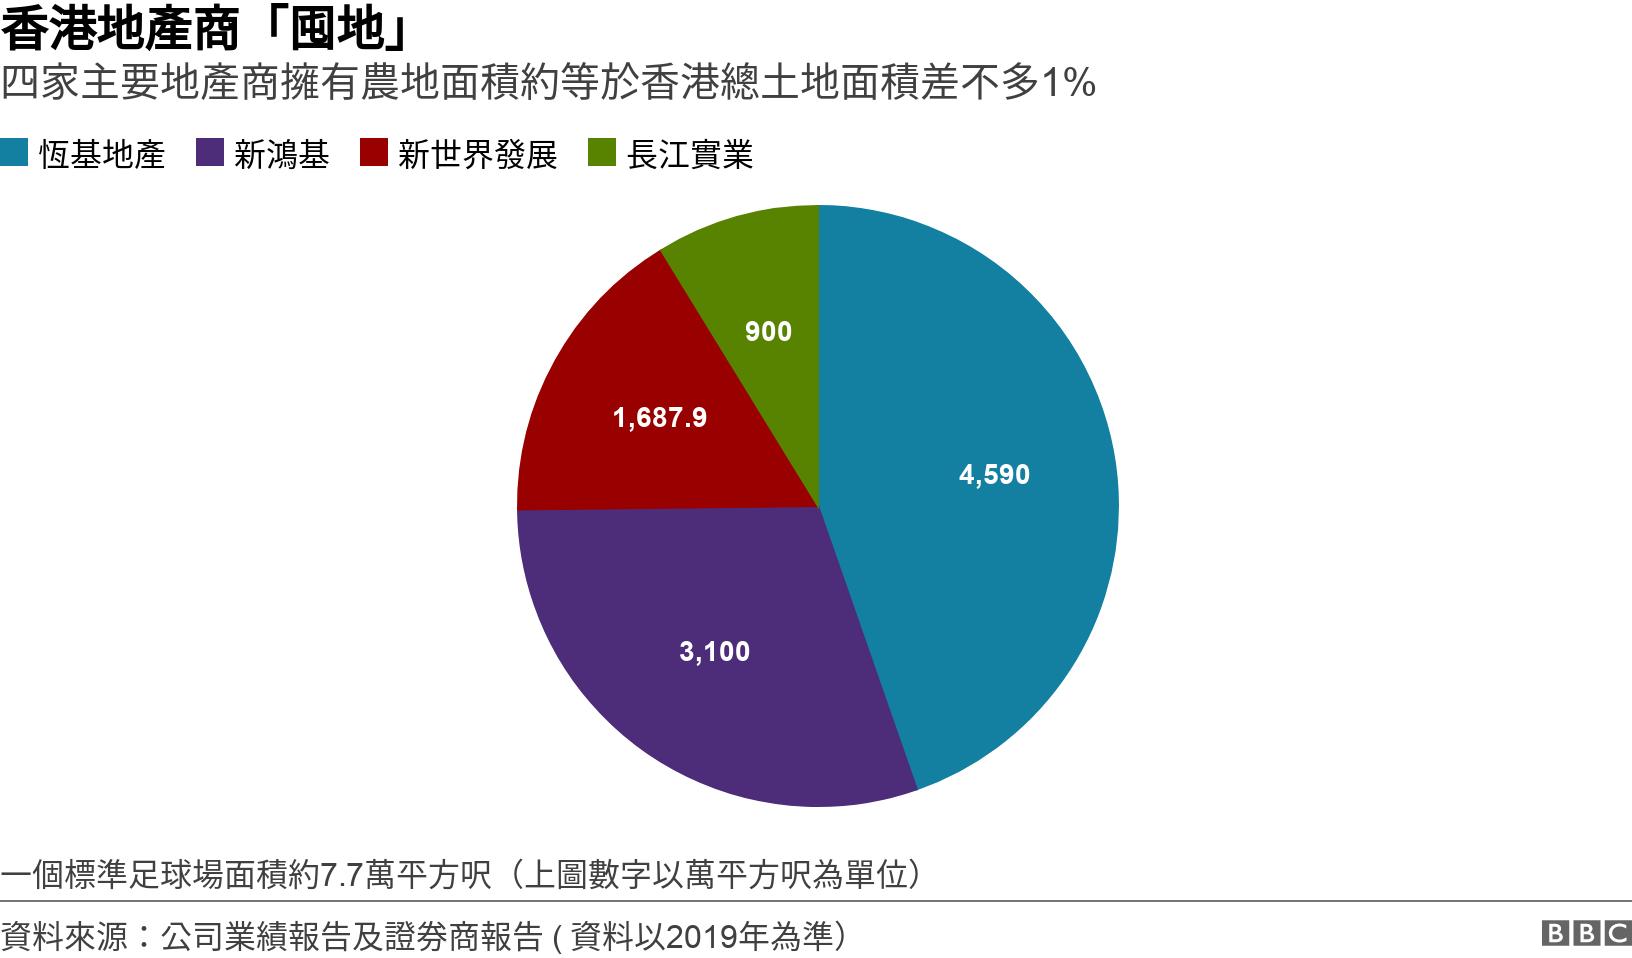 香港地產商「囤地」. 四家主要地產商擁有農地面積約等於香港總土地面積差不多1% . 四家主要地產商擁有農地面積約等於香港總土地面積差不多1%  一個標準足球場面積約7.7萬平方呎(上圖數字以萬平方呎為單位).